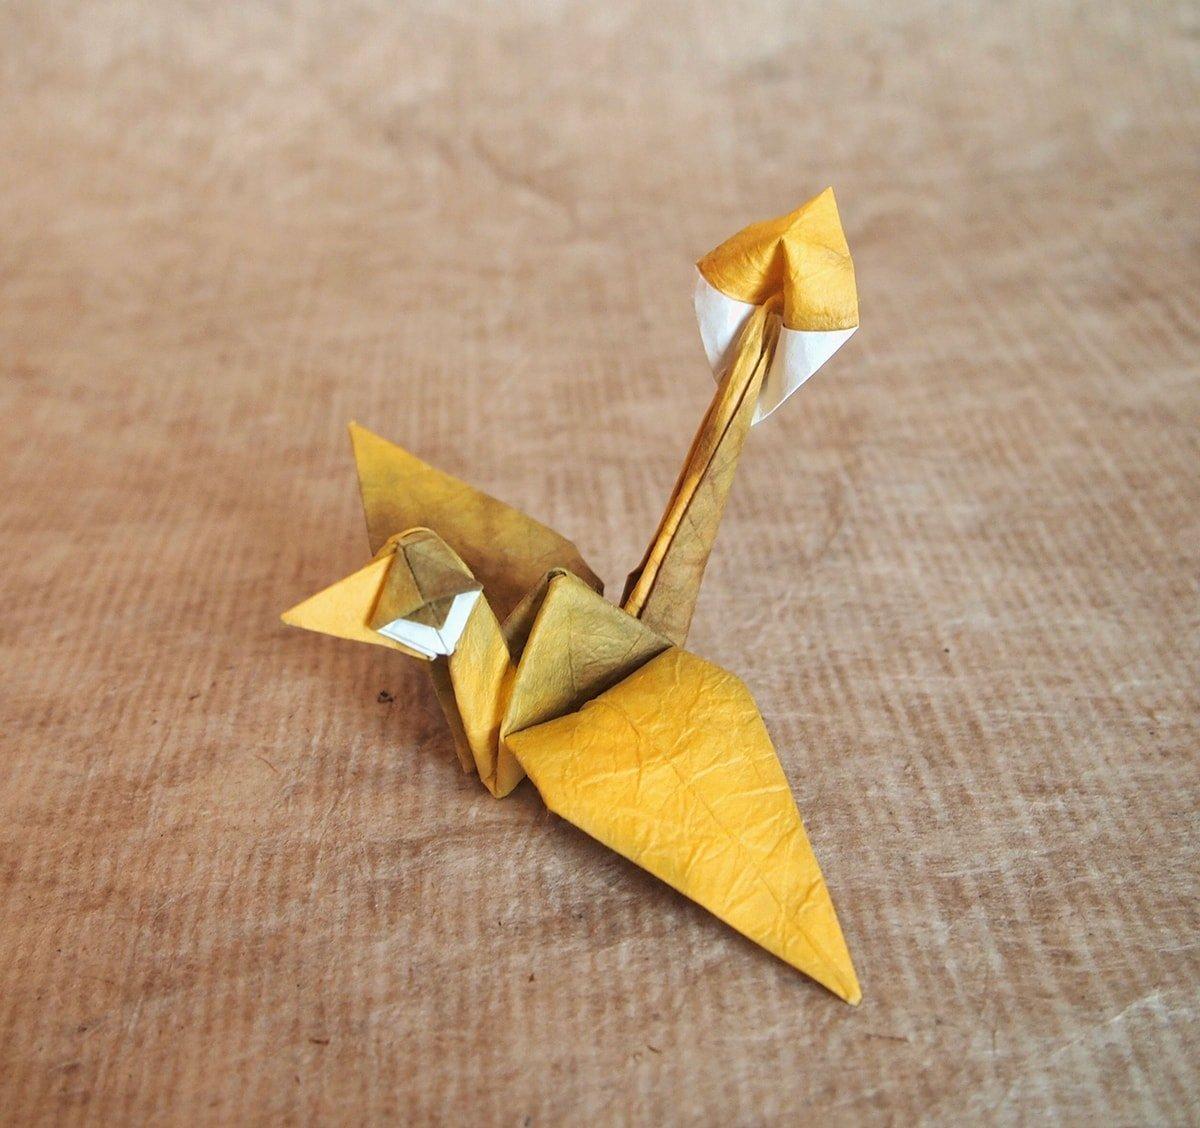 Crane with bad eyes by Hiroaki Kobayashi